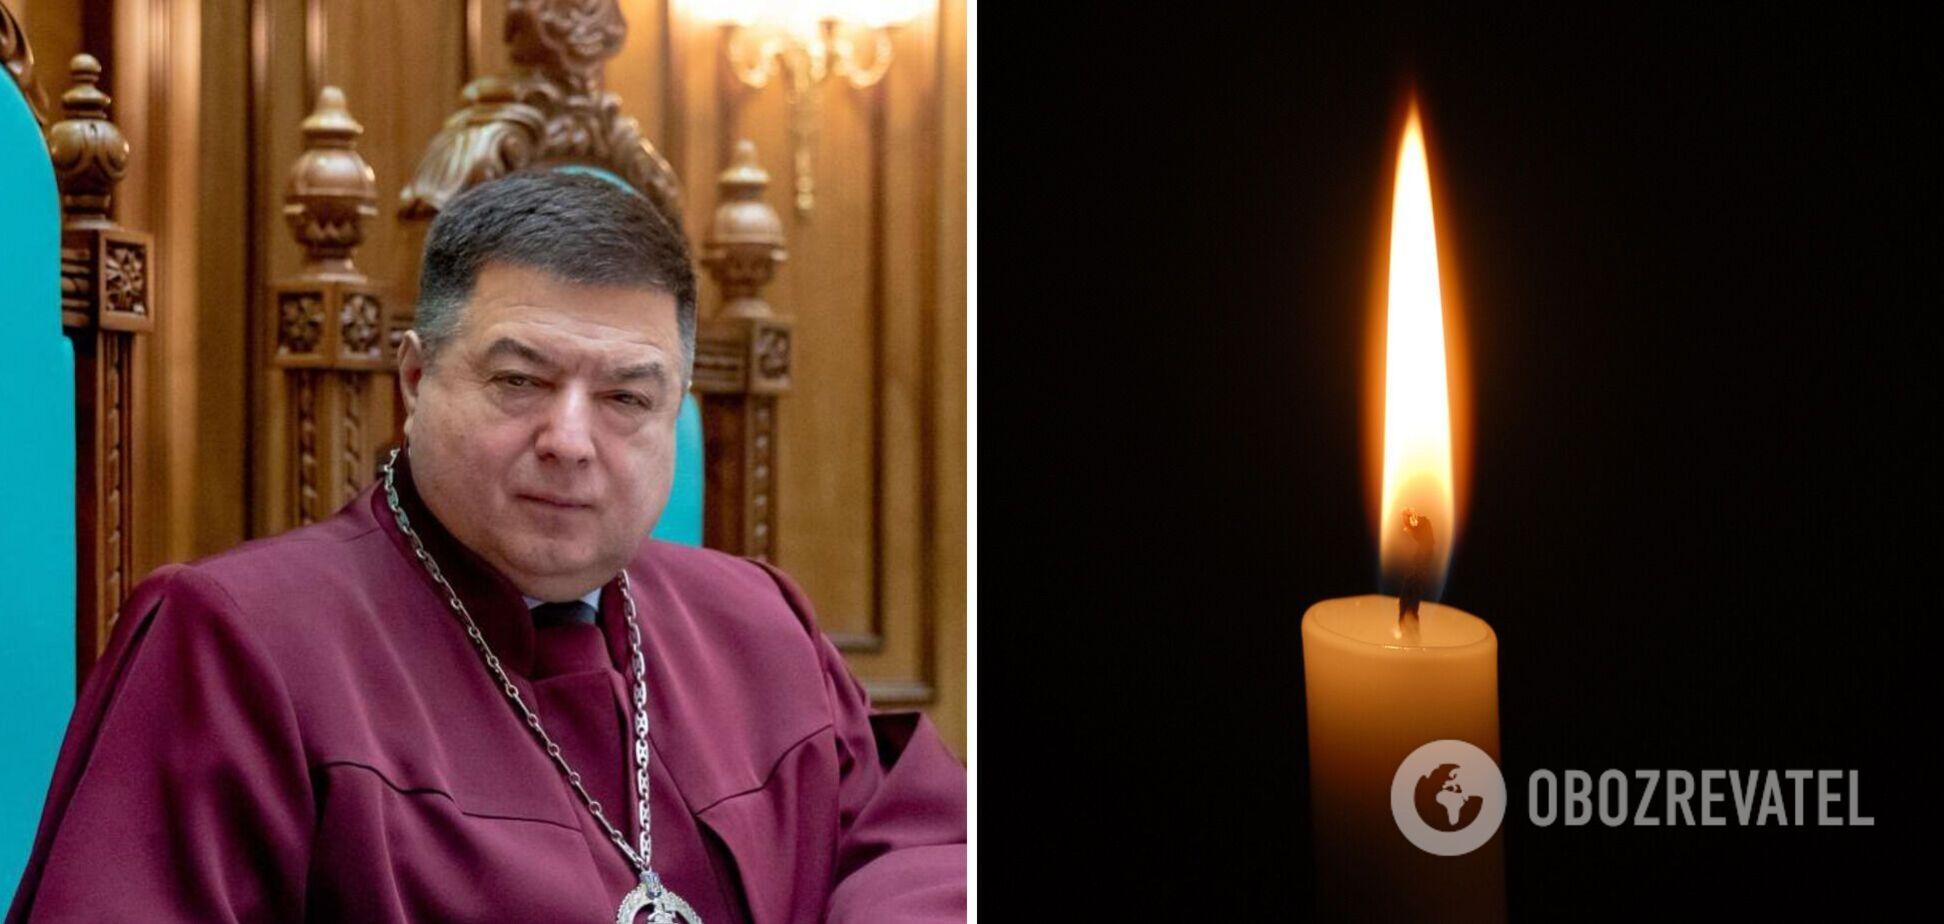 Бывший глава Конституционного суда Украины Алексадр Тупицкий